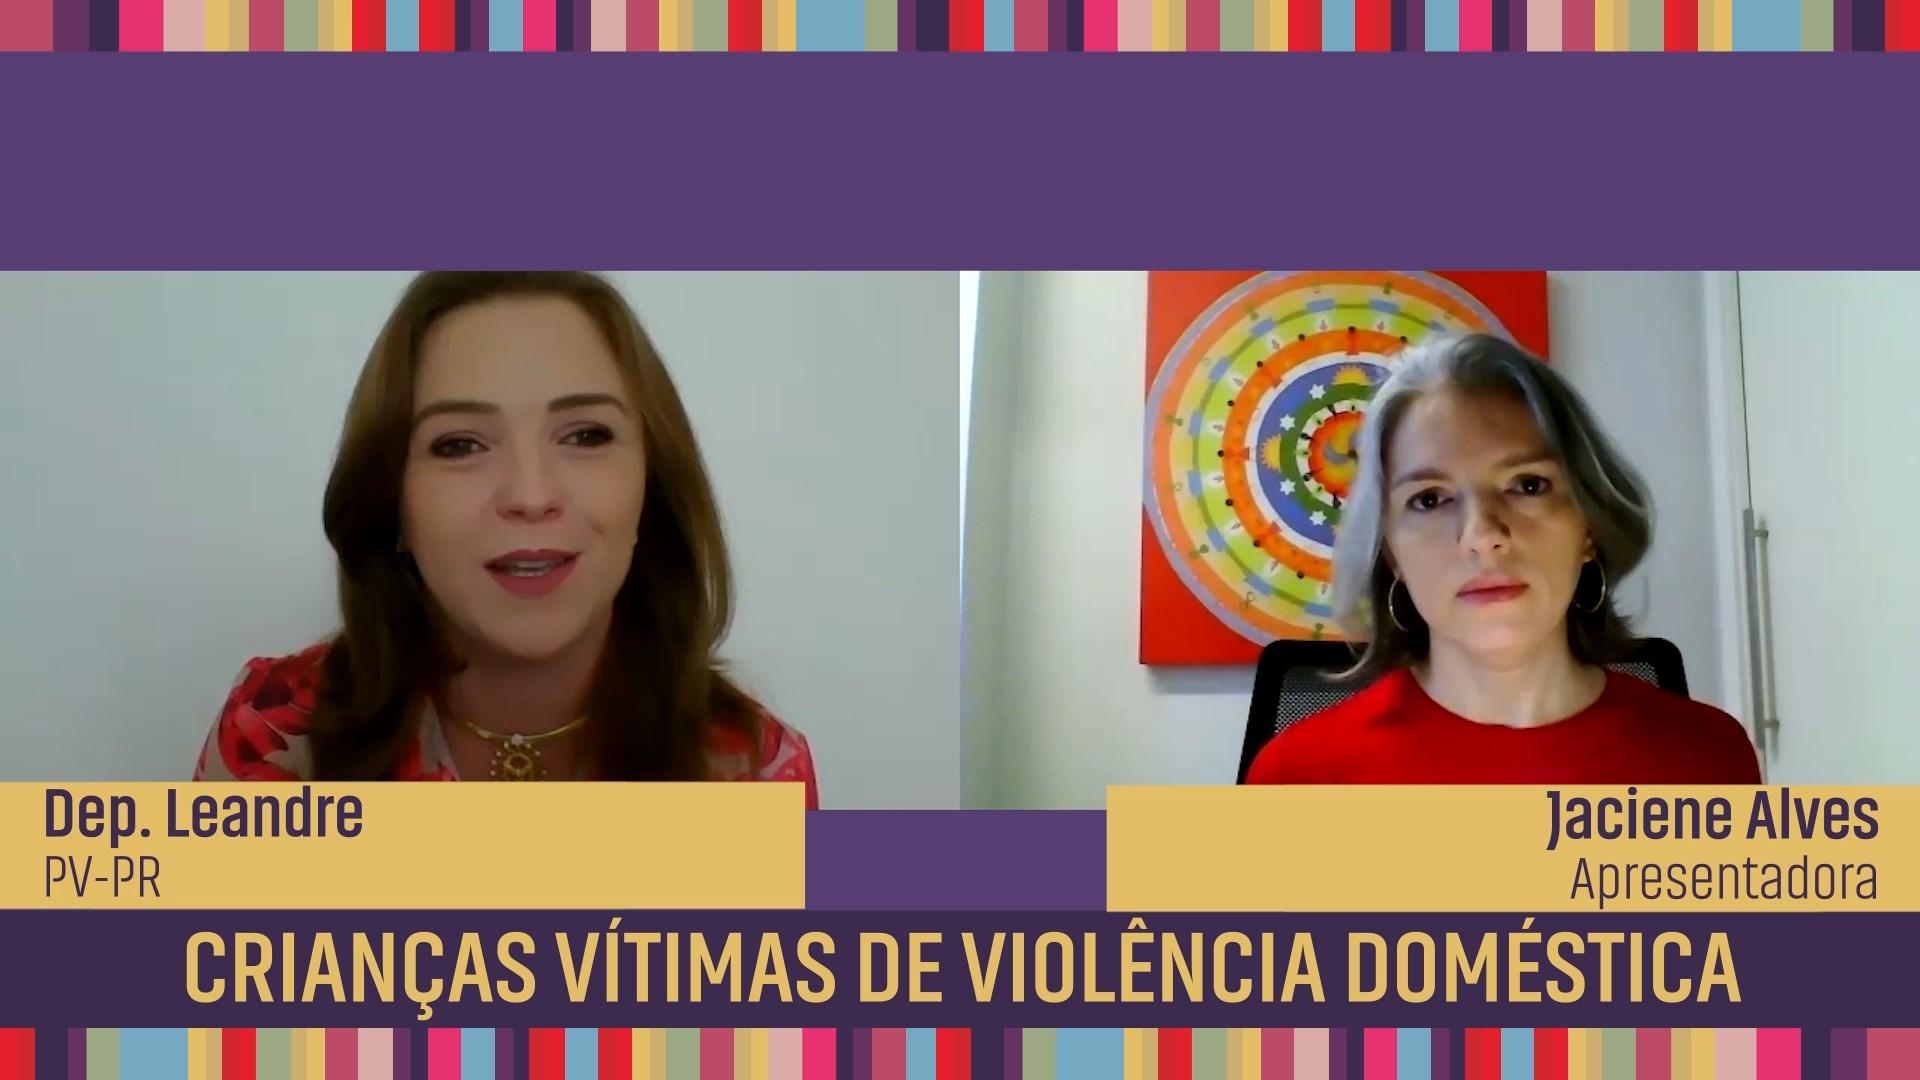 Coronavírus: Crianças vítimas de violência doméstica